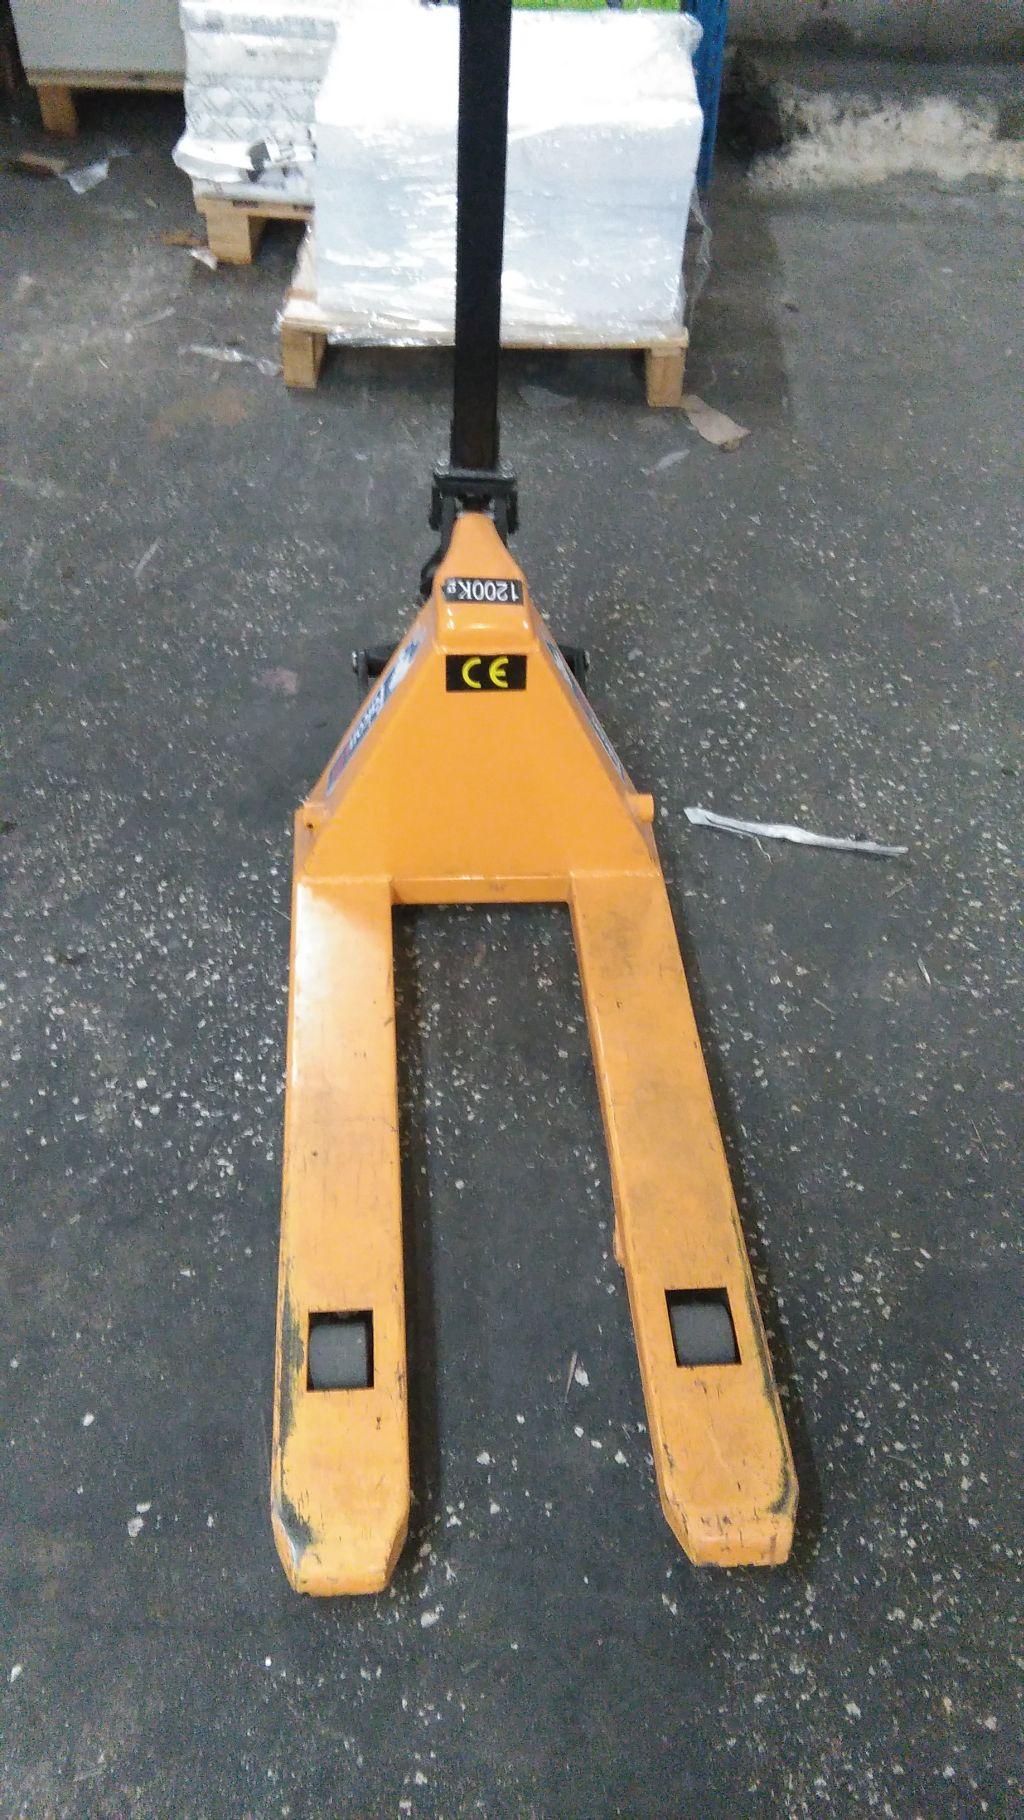 HANDLING-MATERIAL HAND PALLET TRUCK, 年份: 2003, ref.67070 | www.coci-sa.com/cn | 67070n.jpg